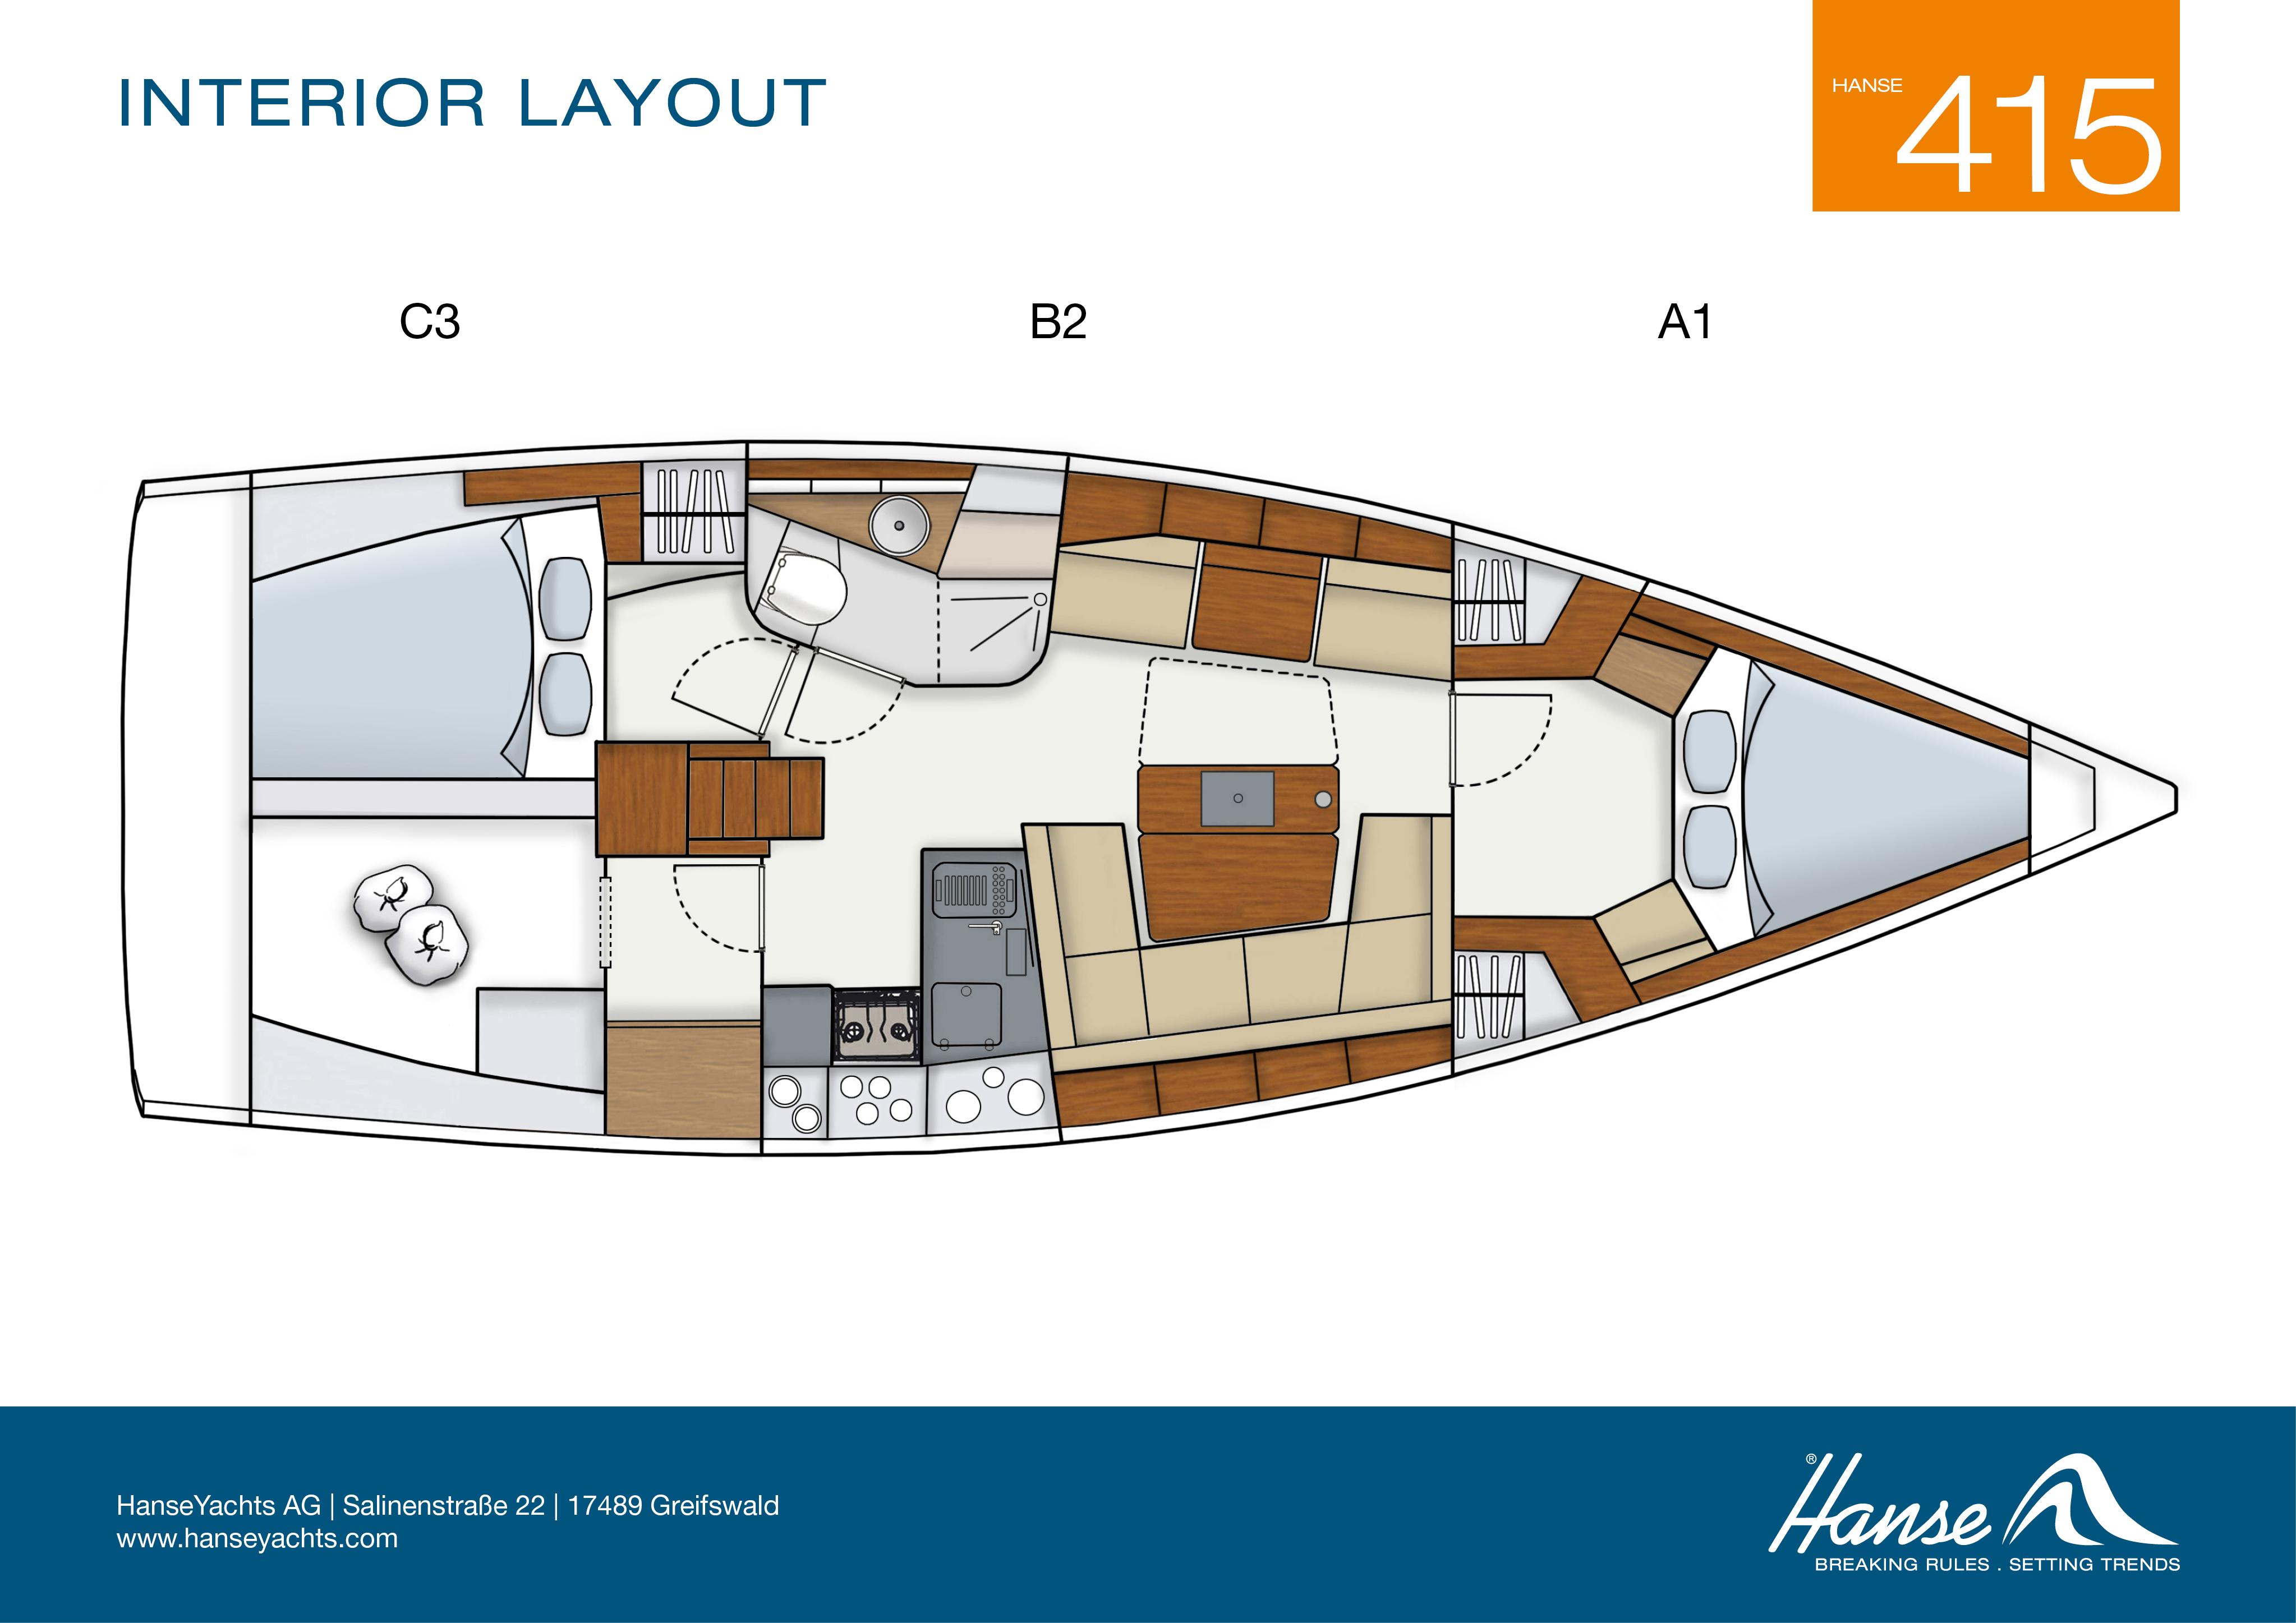 Hanse  - layout-hanse-415-268361.jpg